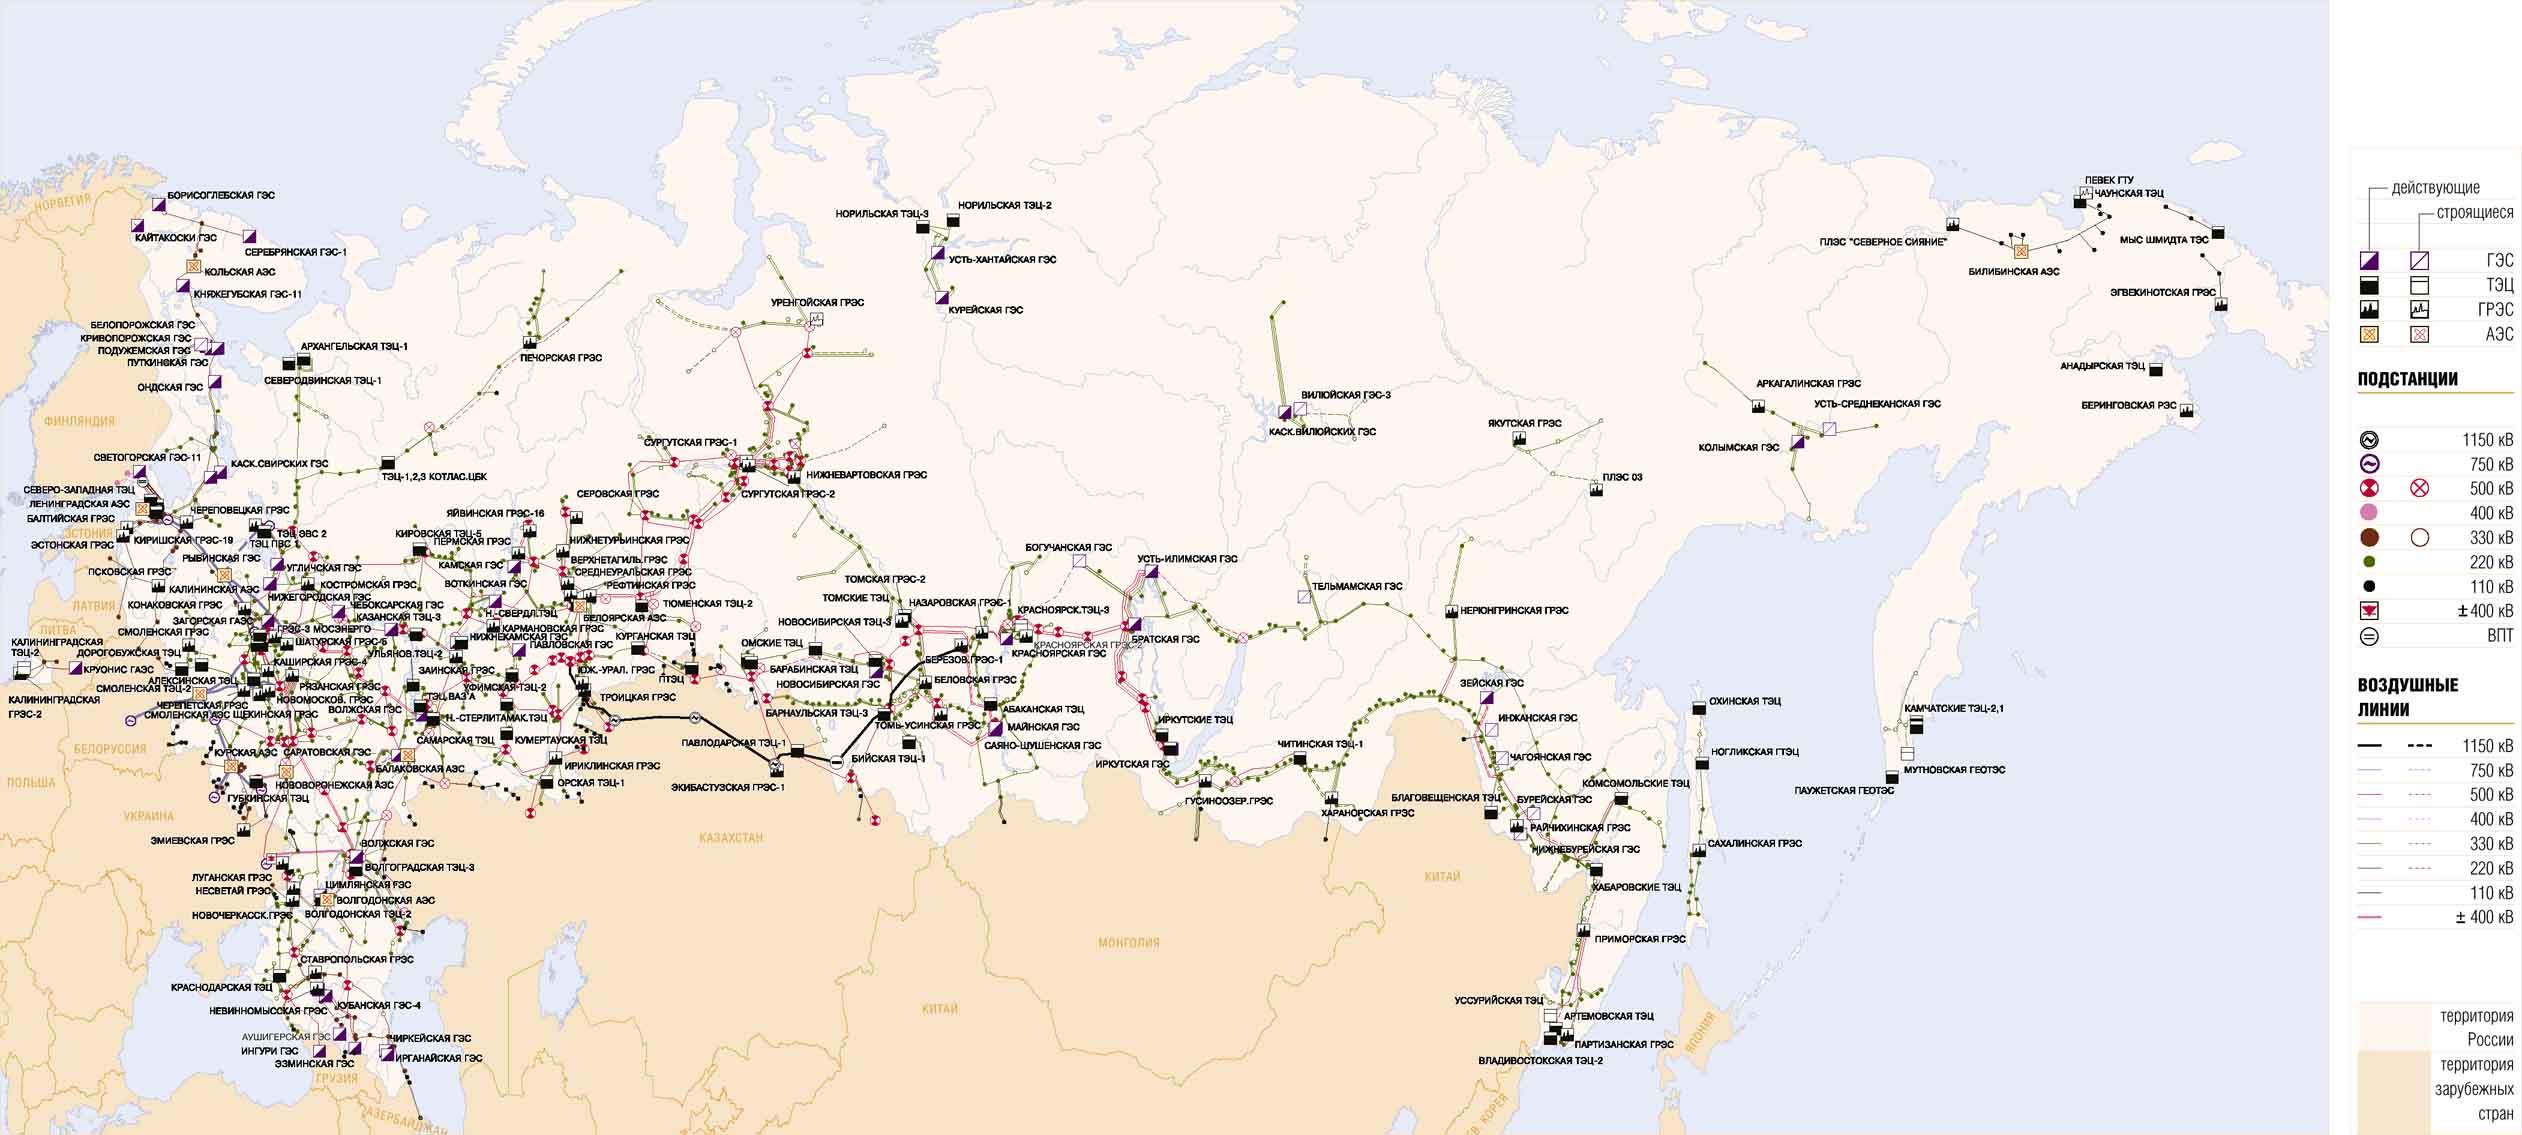 Карта схема еэс россии